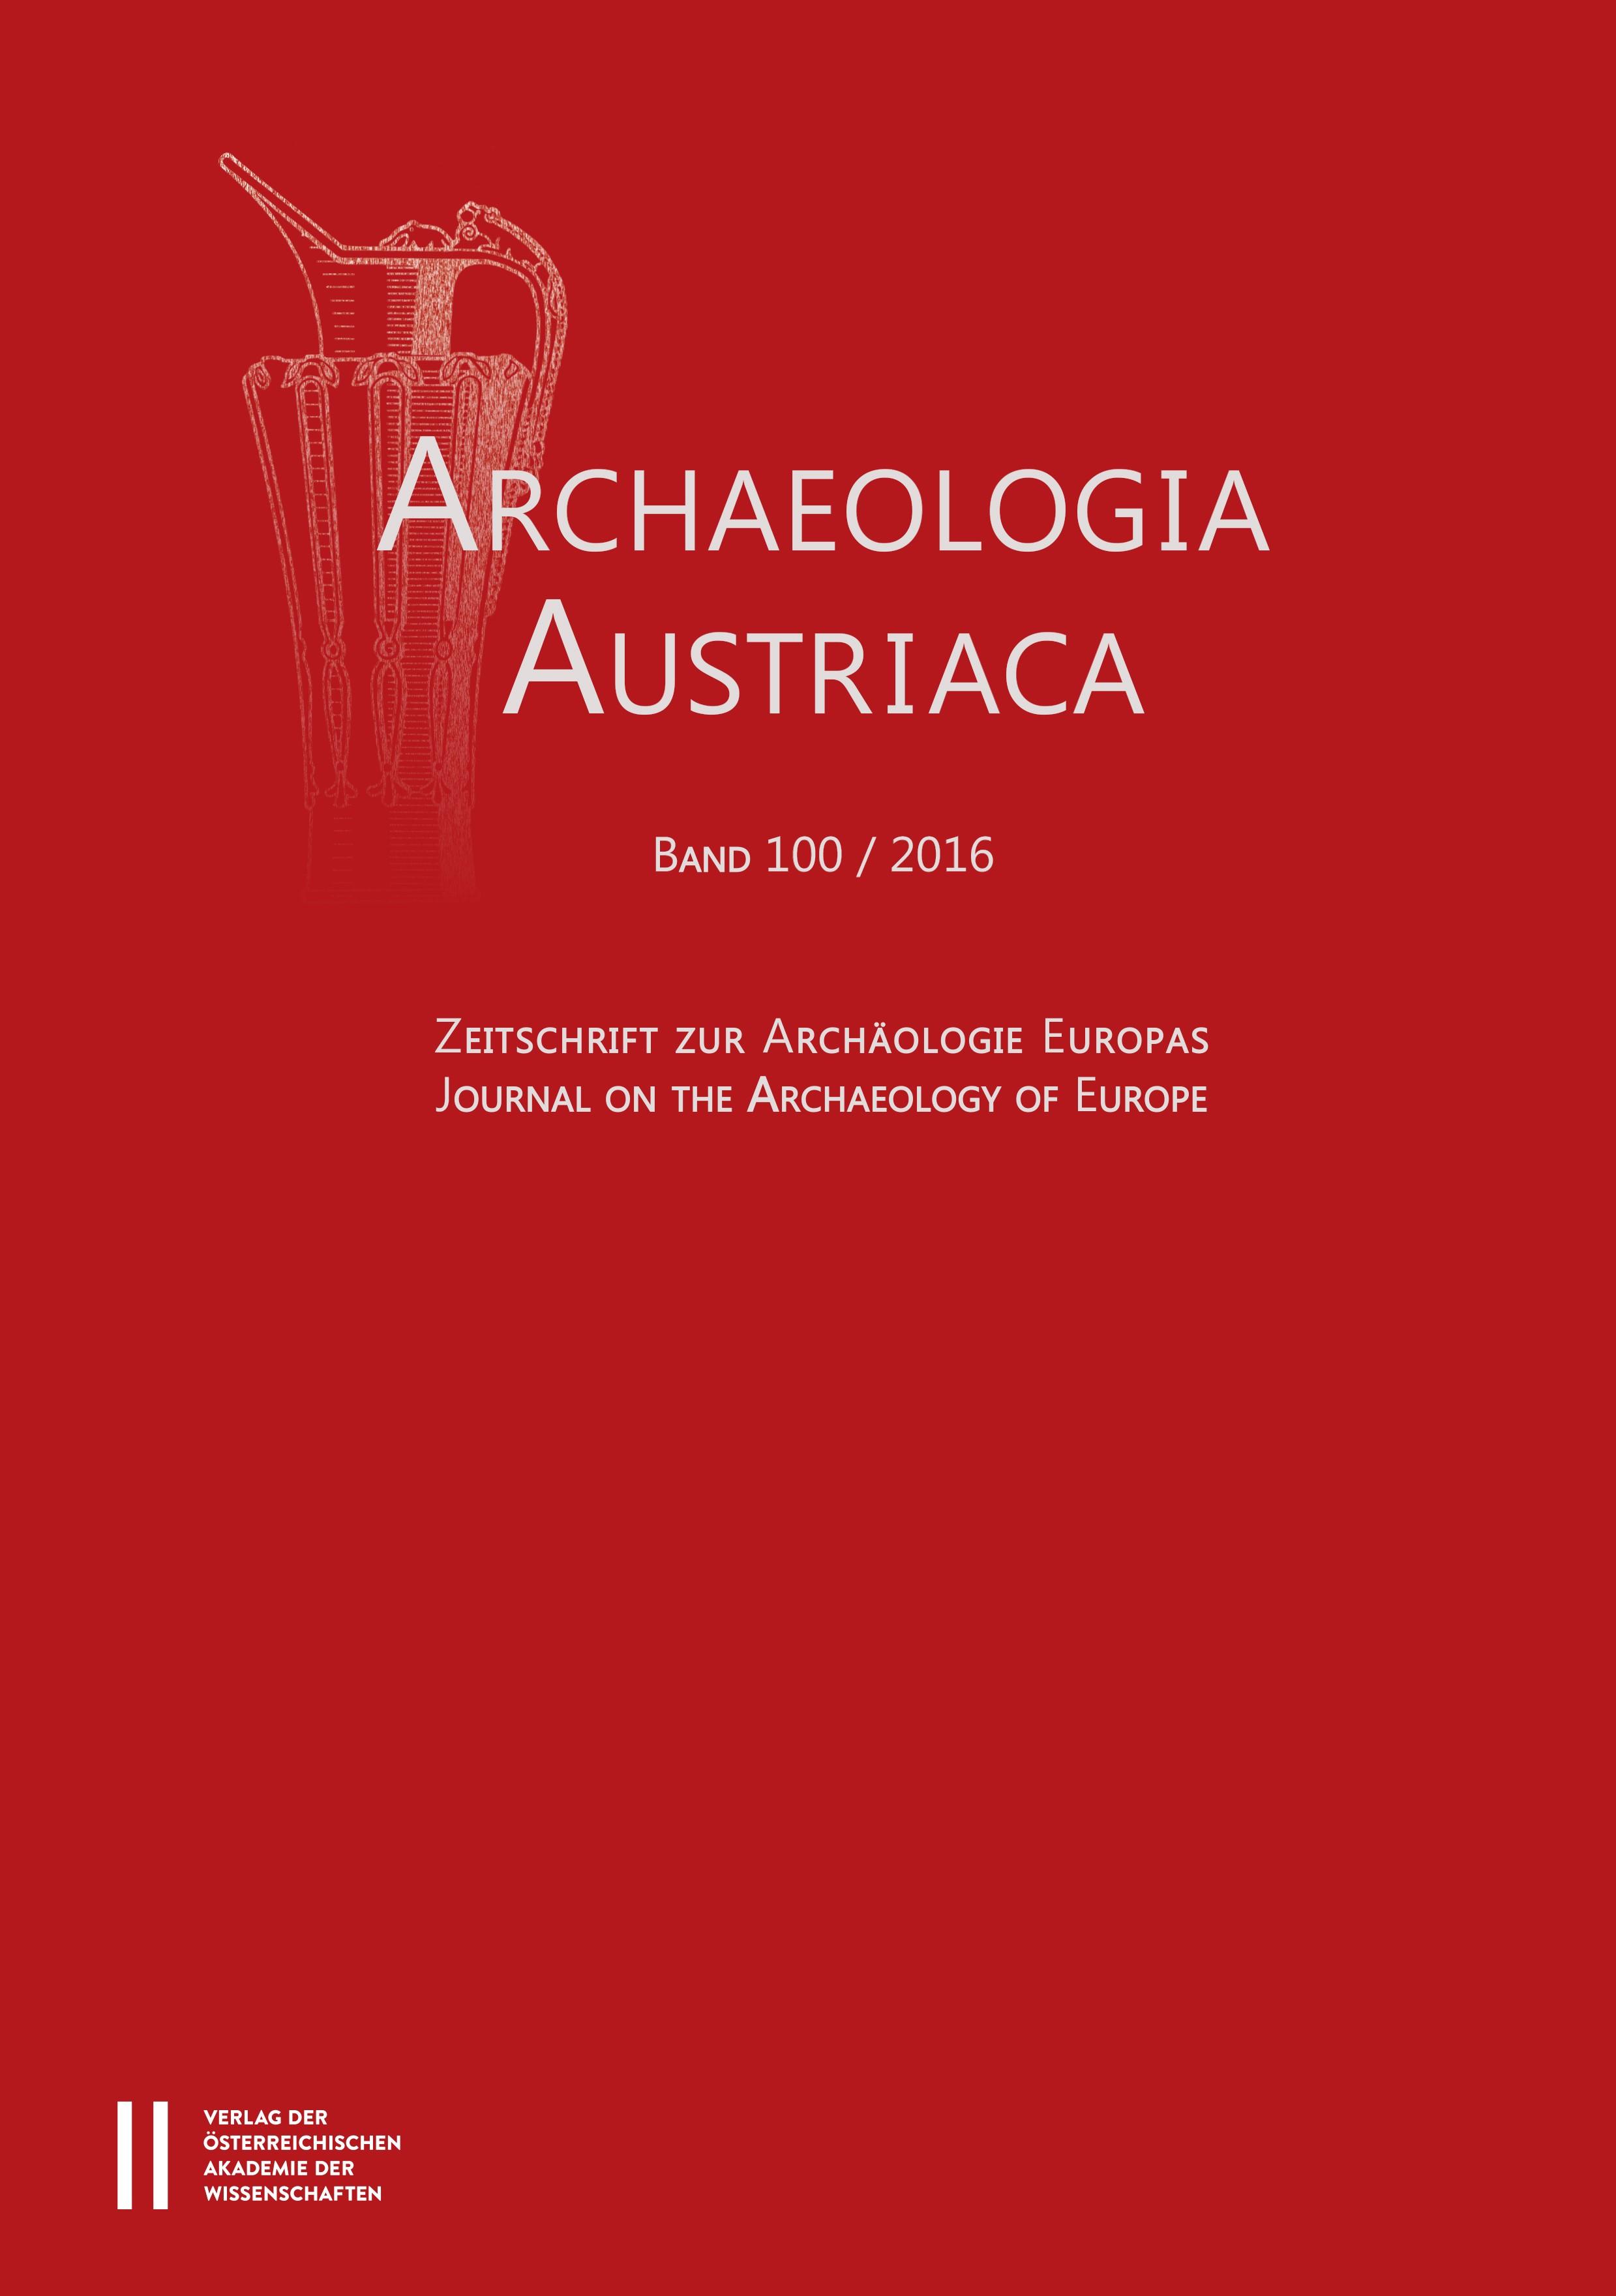 Archaeologia Austriaca Band 100/2016 | / Institut für Ur- u. Frühgeschichte Universität Wien, 2016 | Buch (Cover)